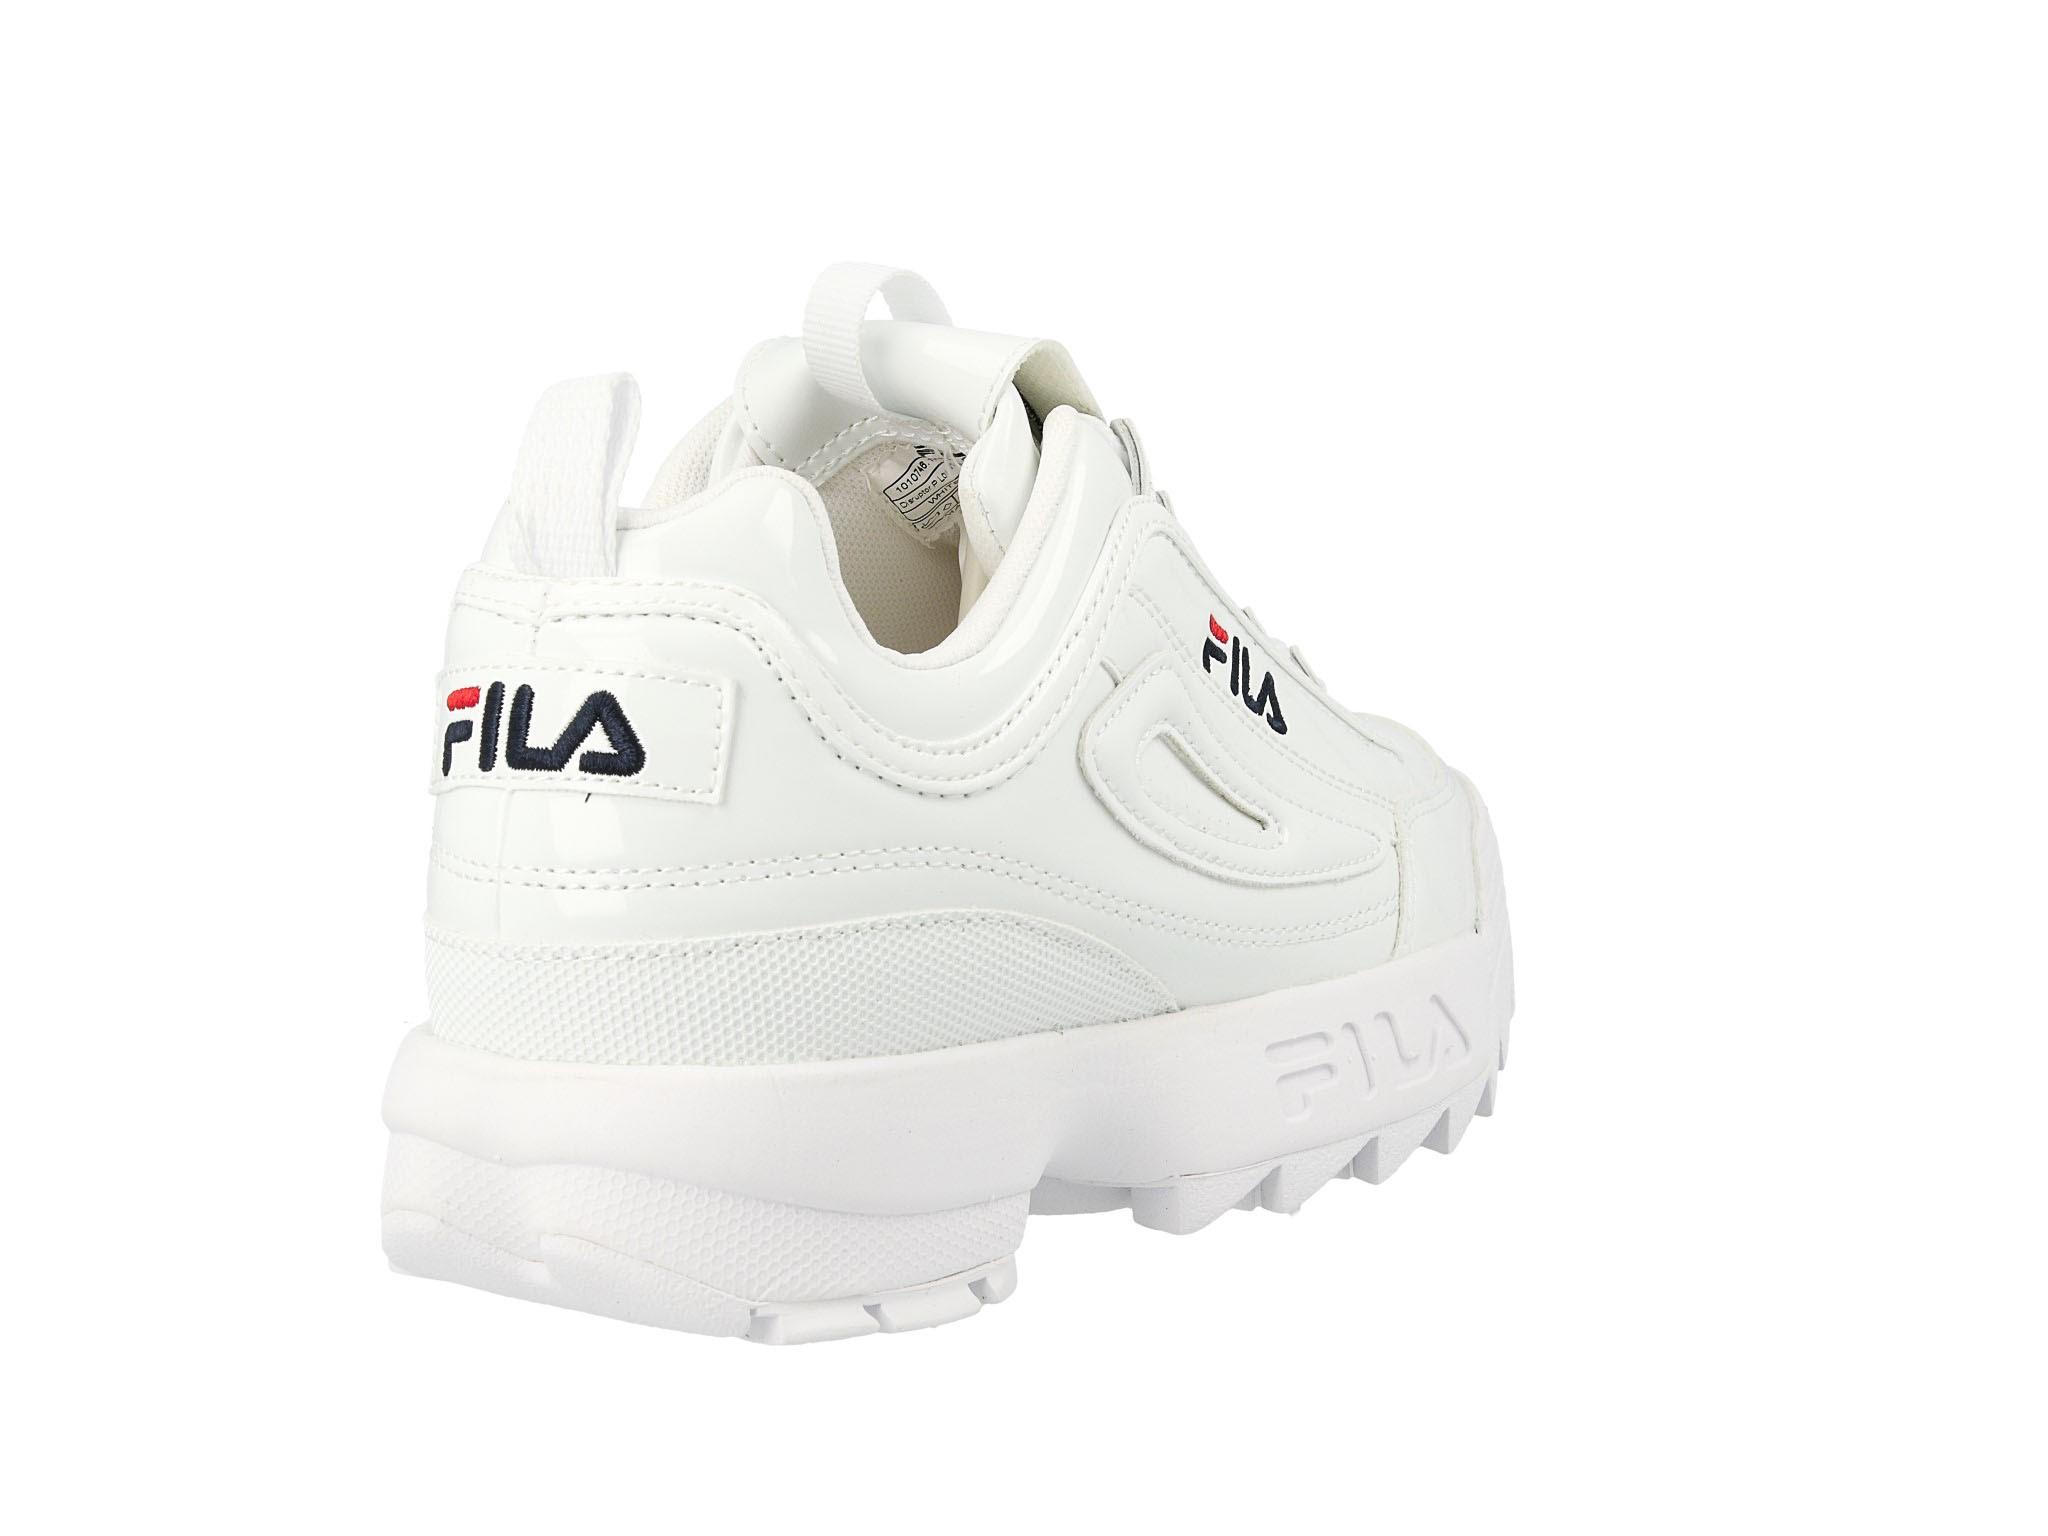 Fila buty damskie Disruptor 1010746.1FG białe